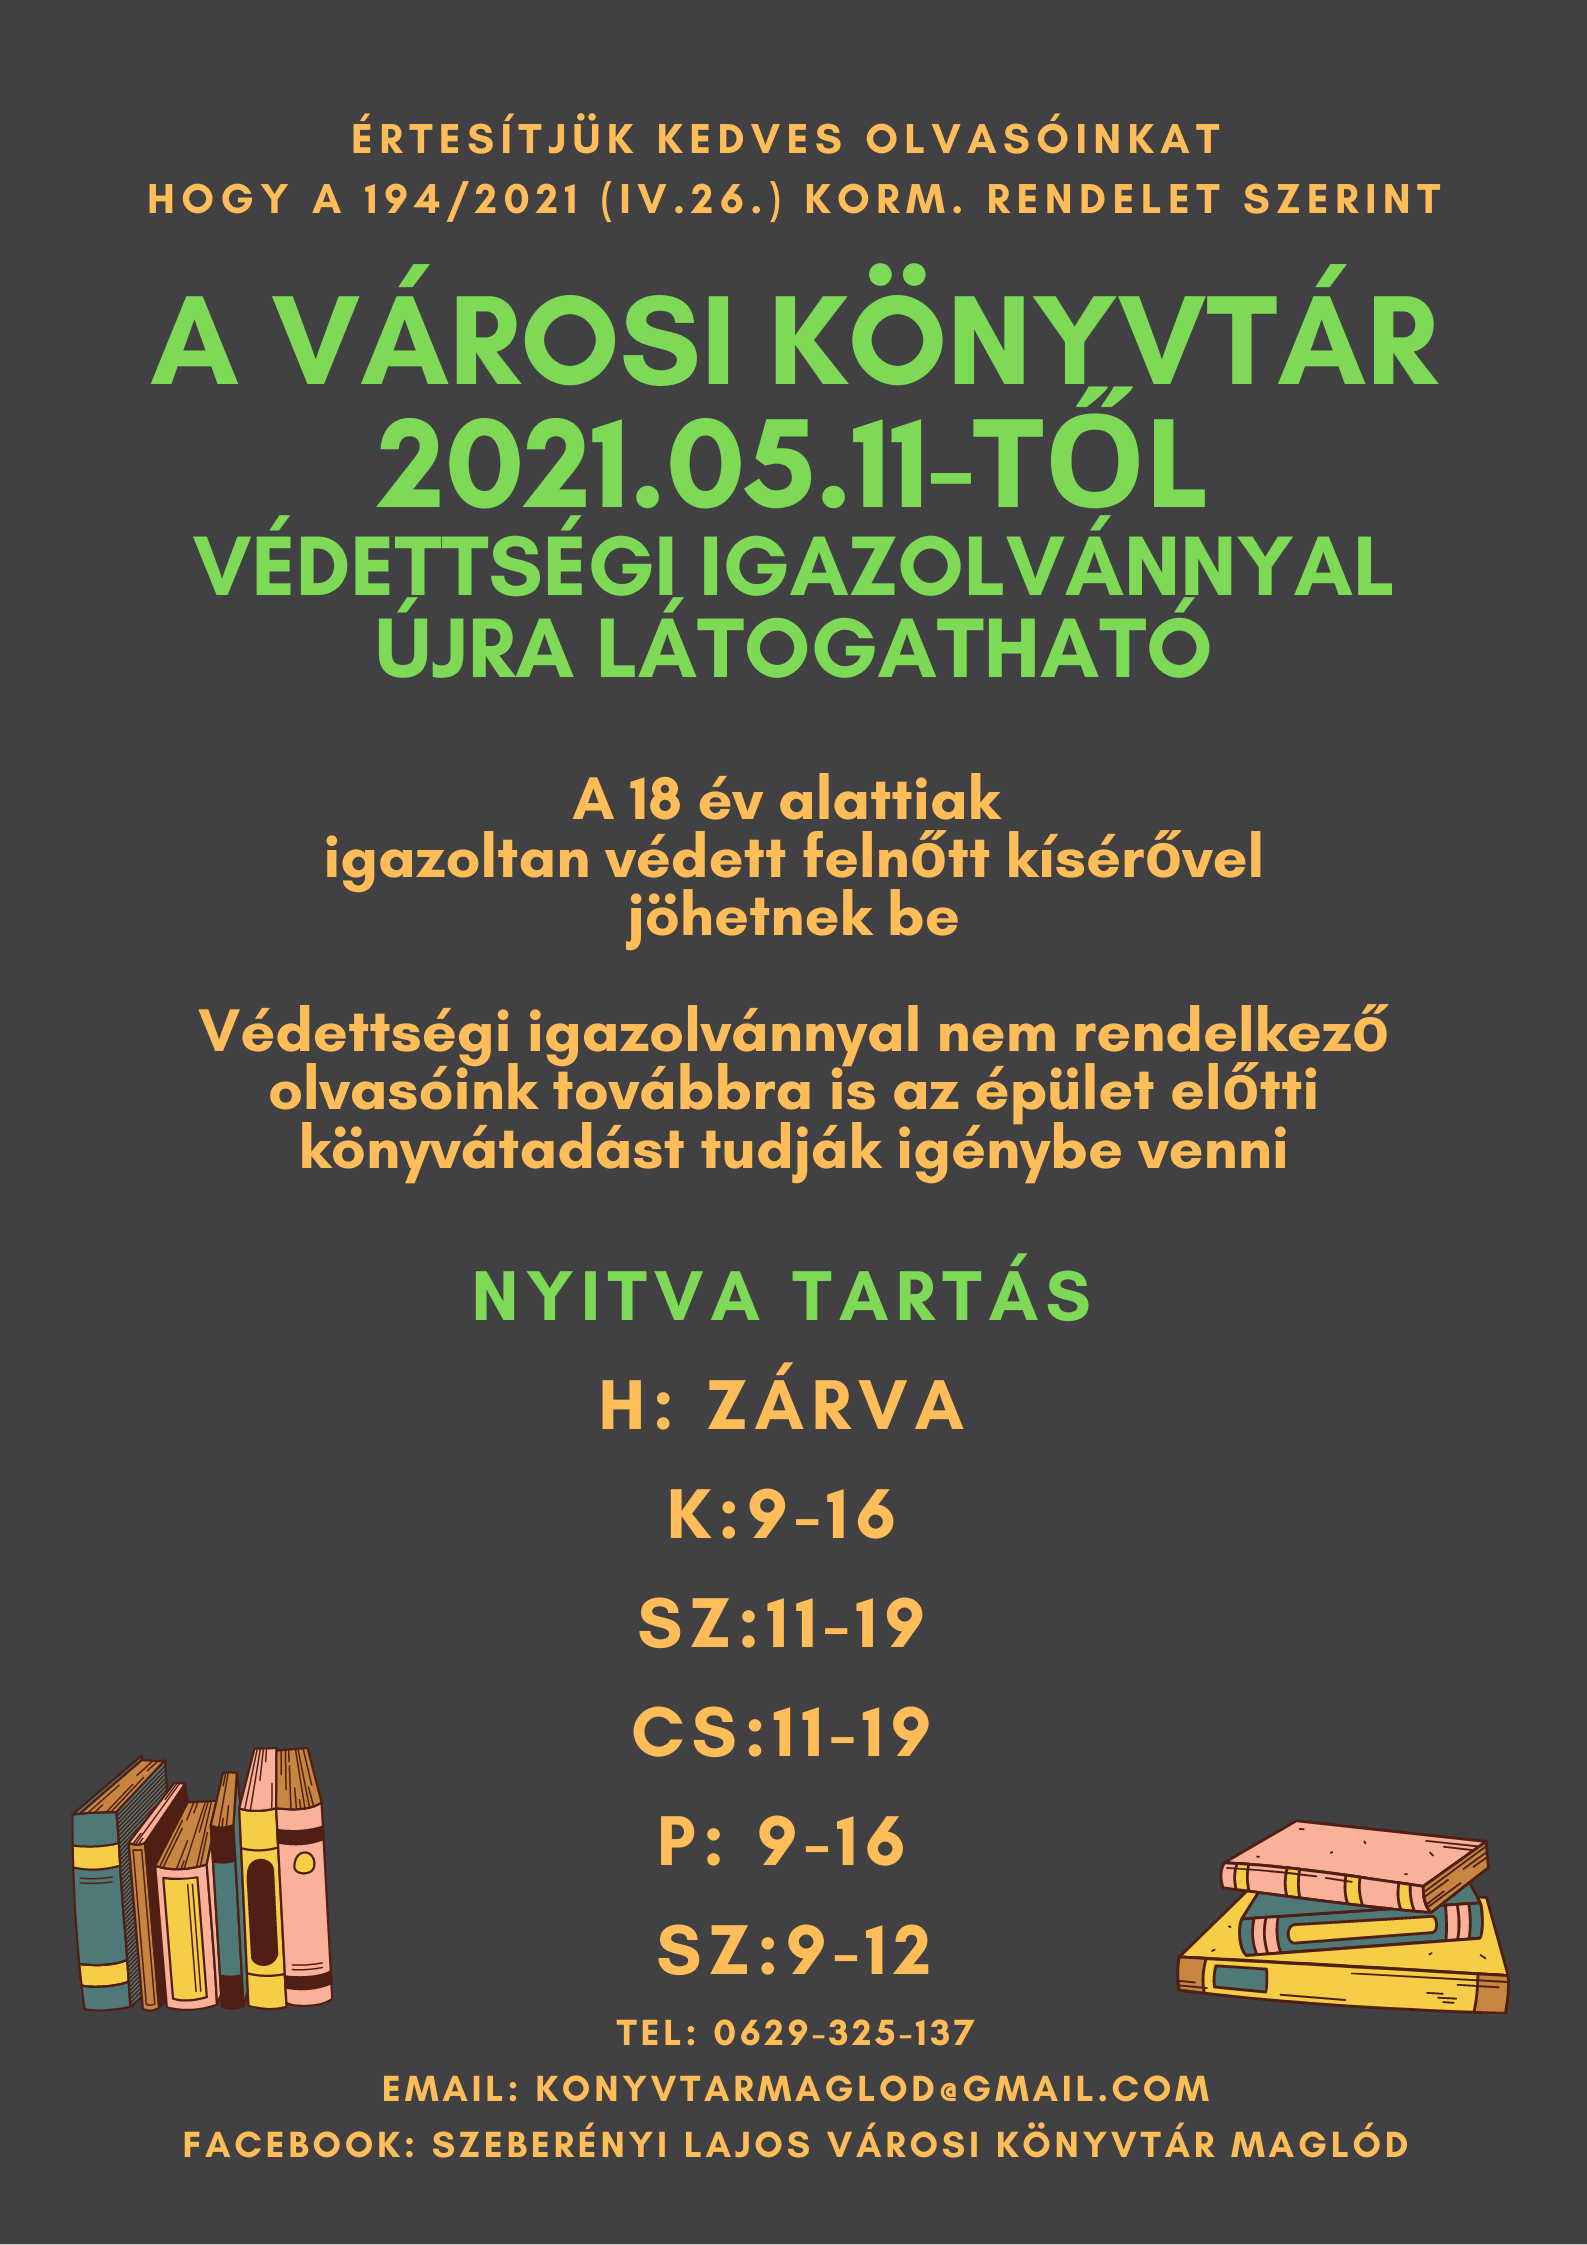 2021.05.11. Nyit a könyvtár